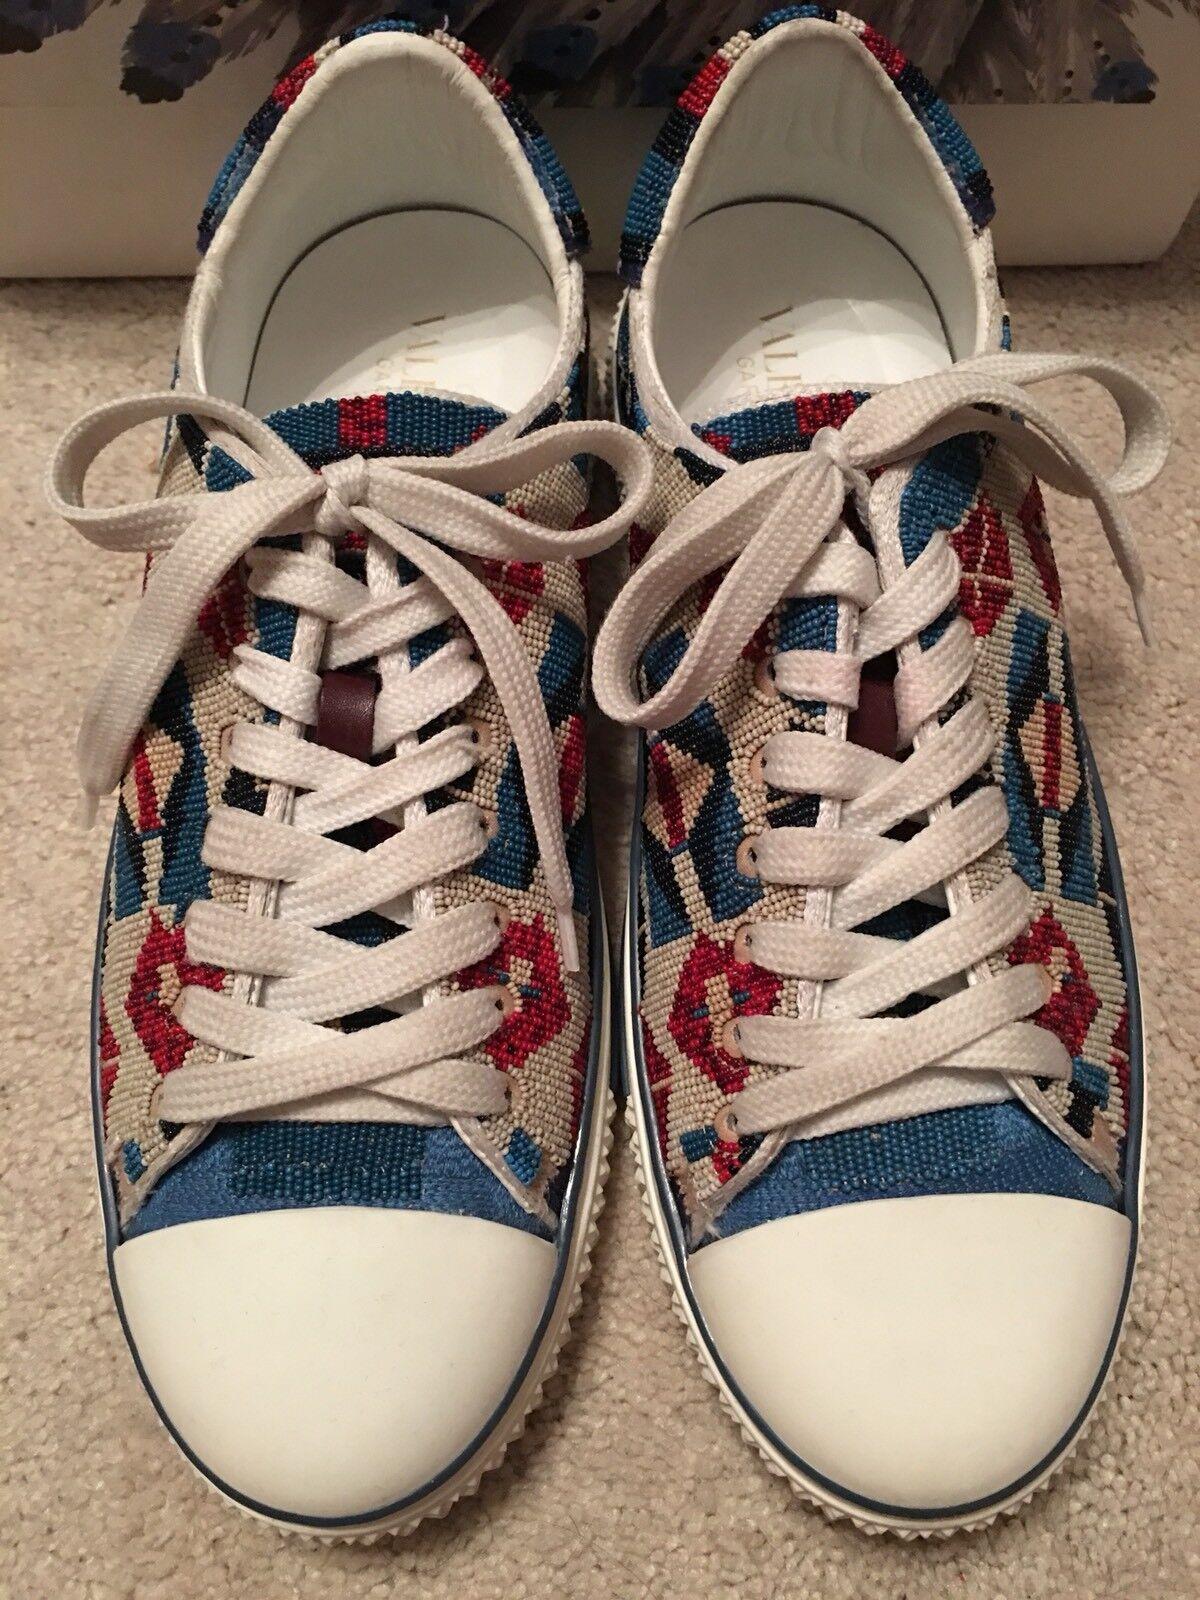 Valentino Garavani Beaded röd vit & blå Native skor skor Italien 40  3K